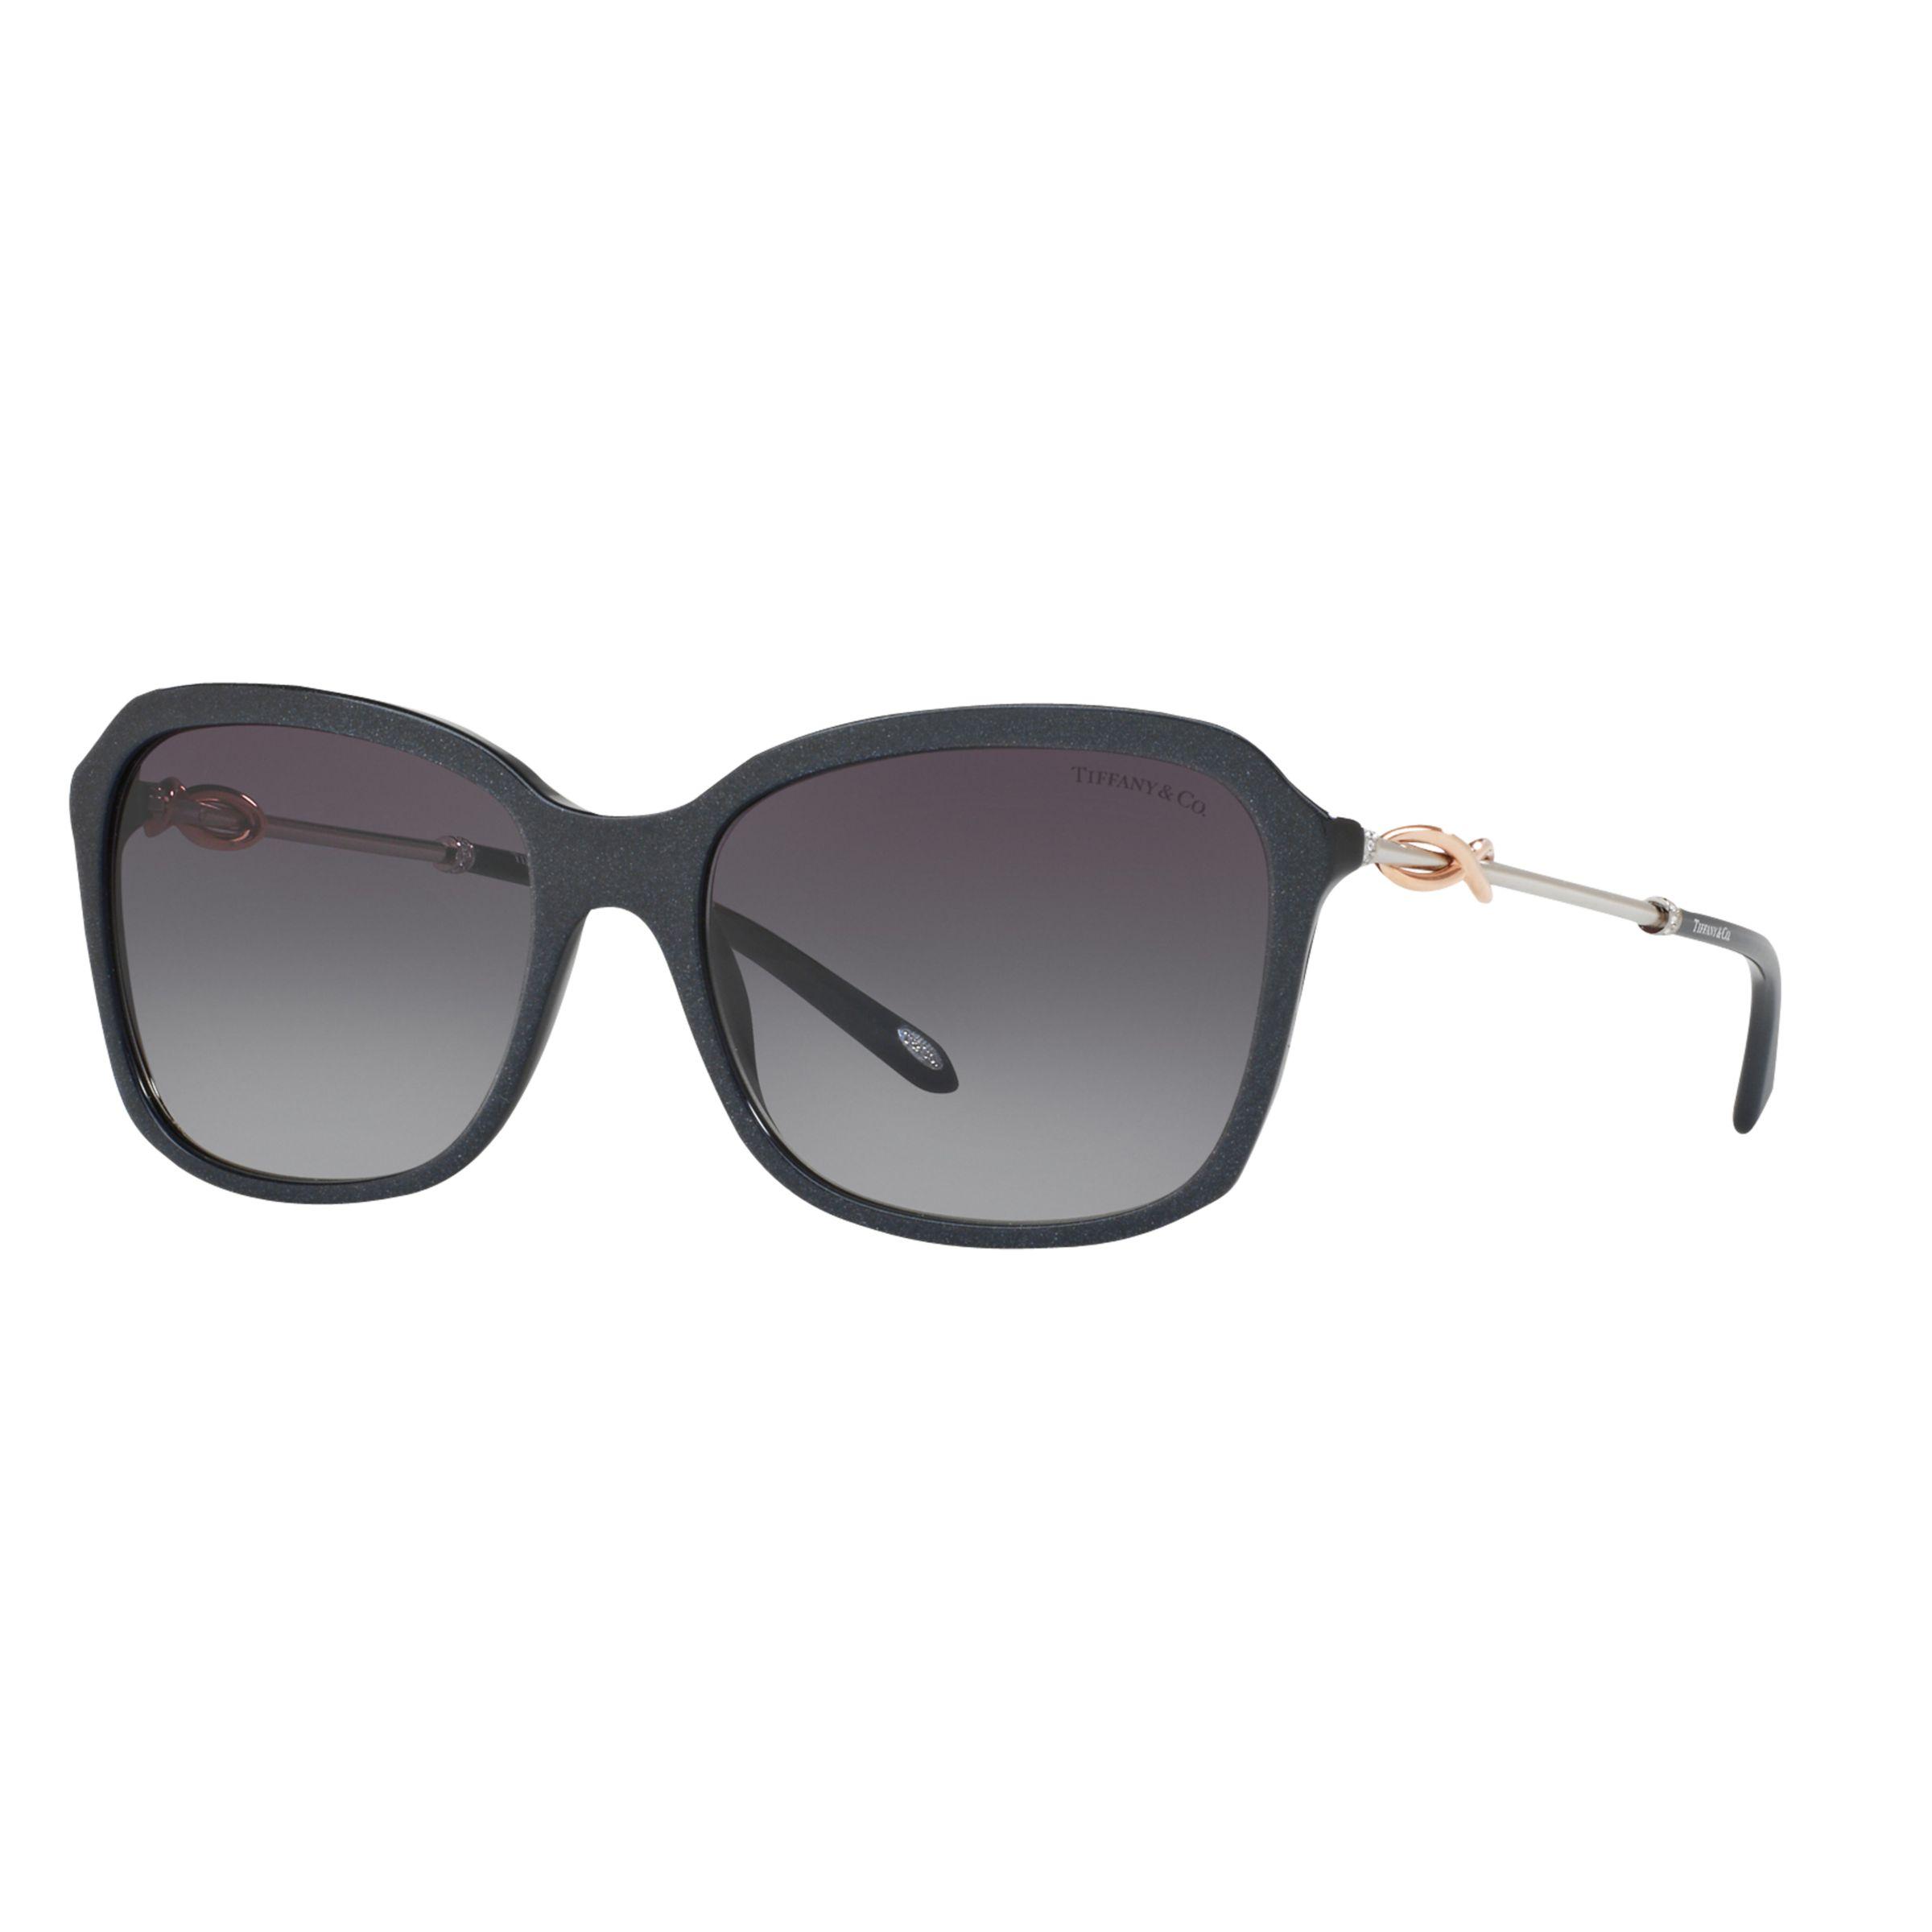 Tiffany & Co Tiffany & Co TF4128B Rectangular Sunglasses